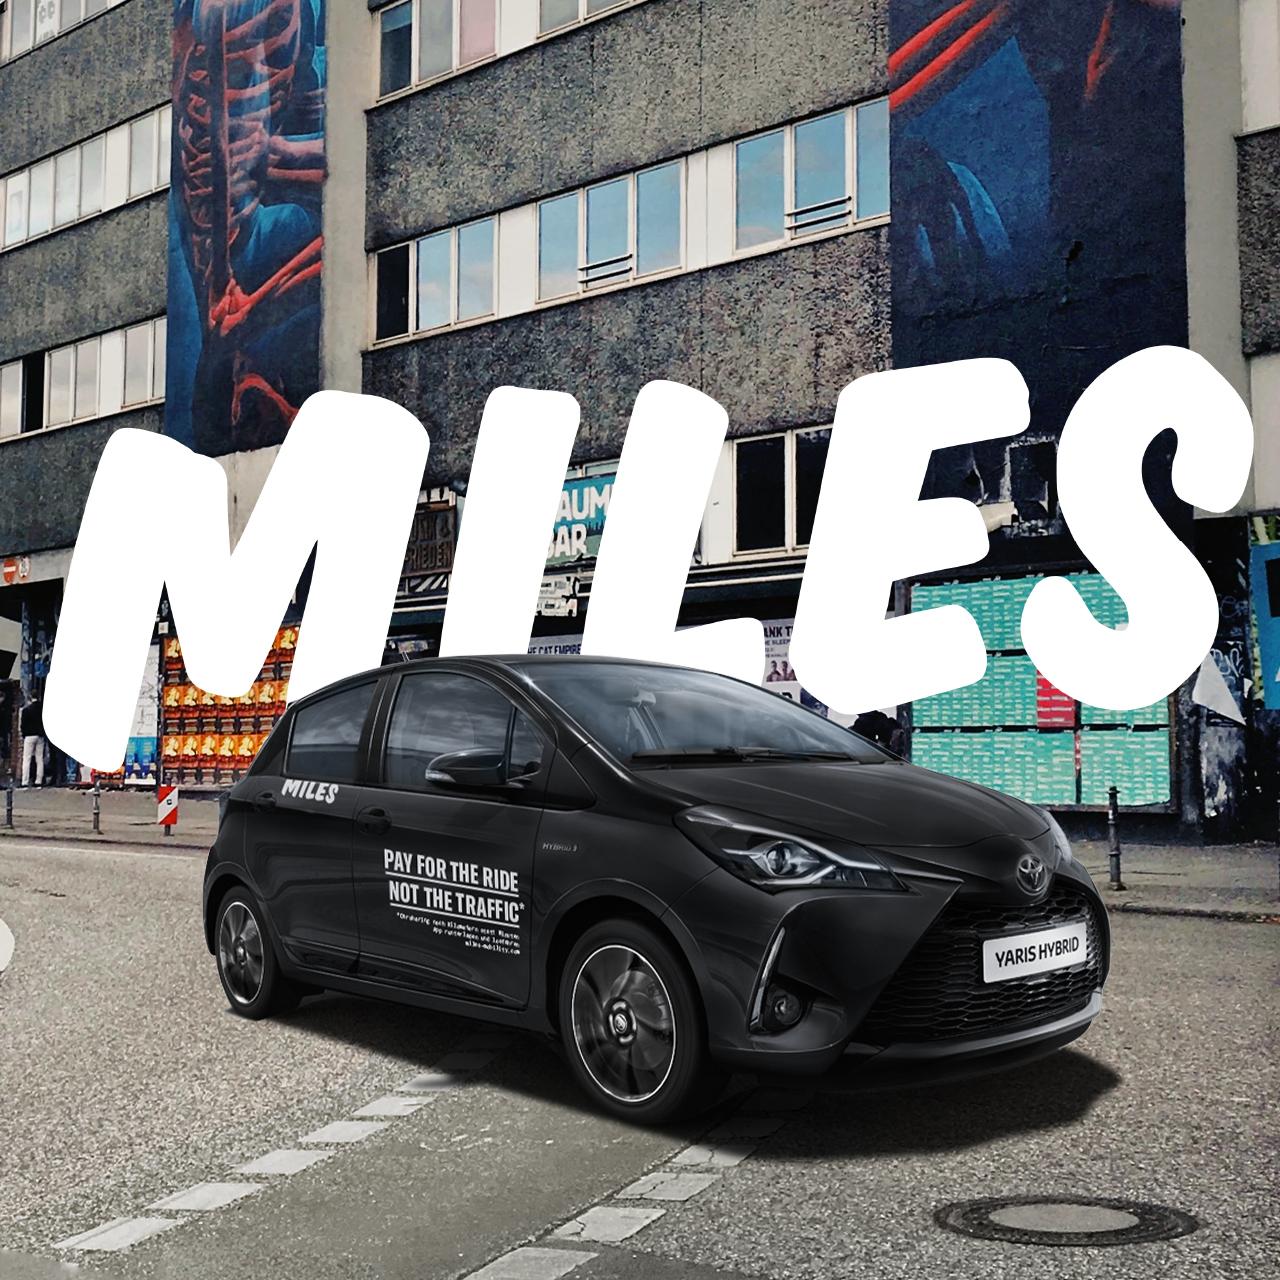 Miles Carsharing: 24 Stunden Tagesmiete für 30€ statt 59€ mit S-/M-Modellen (z.B. VW Polo, Audi A1 / A3, VW Golf Variant, etc.)